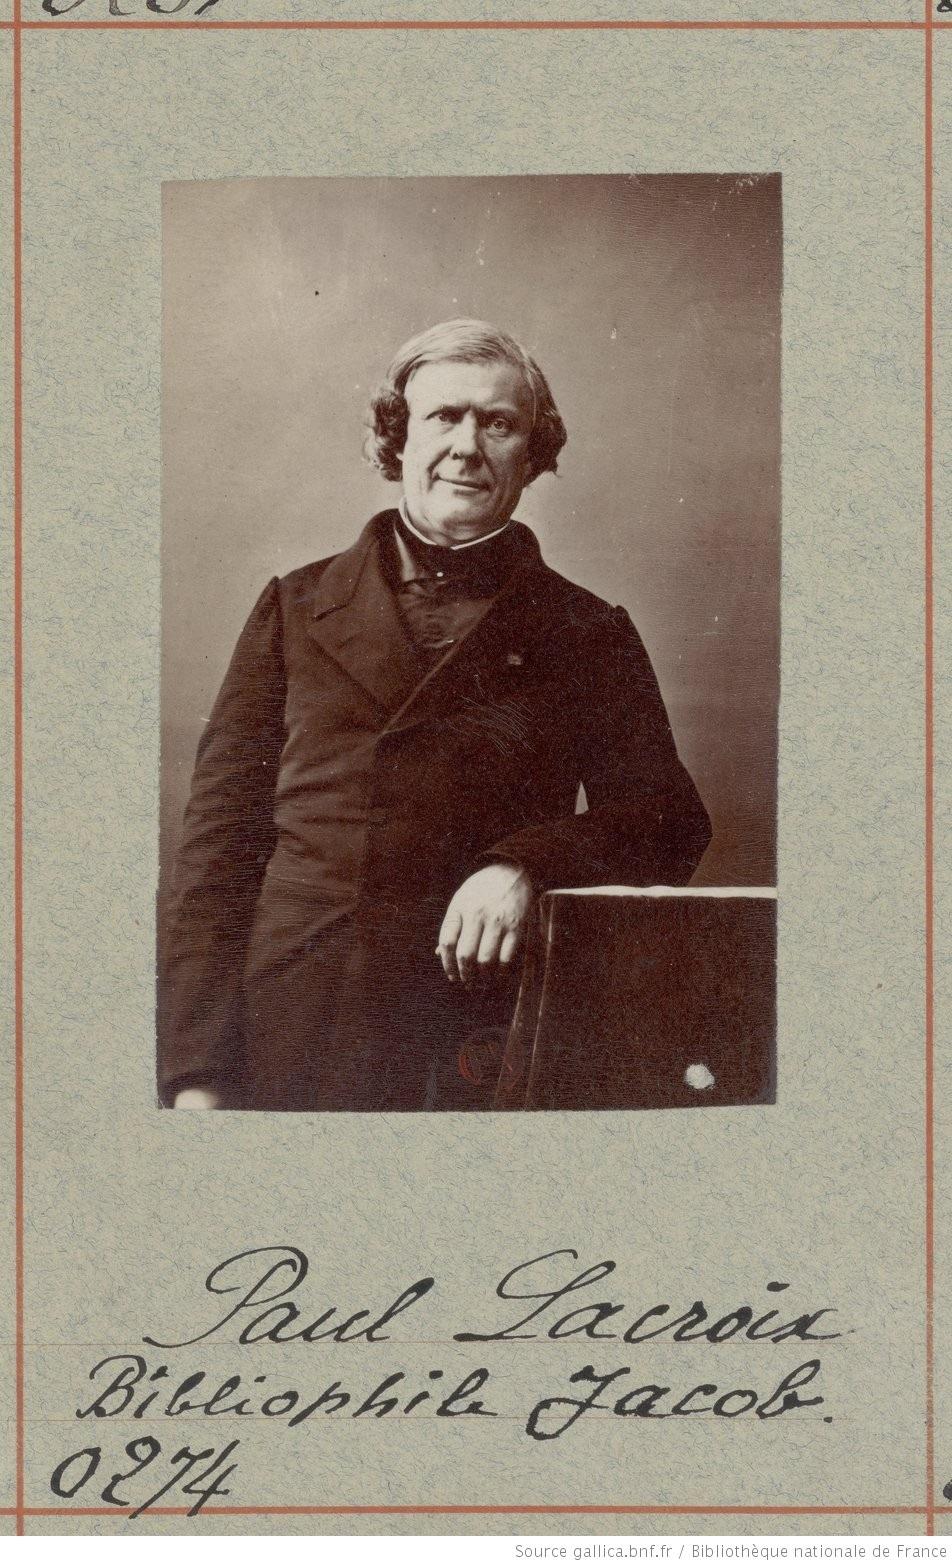 Portrait photographique de Paul Lacroix (Bibliophile Jacob) par Nadar. Vers 1900. Gallica (BnF)